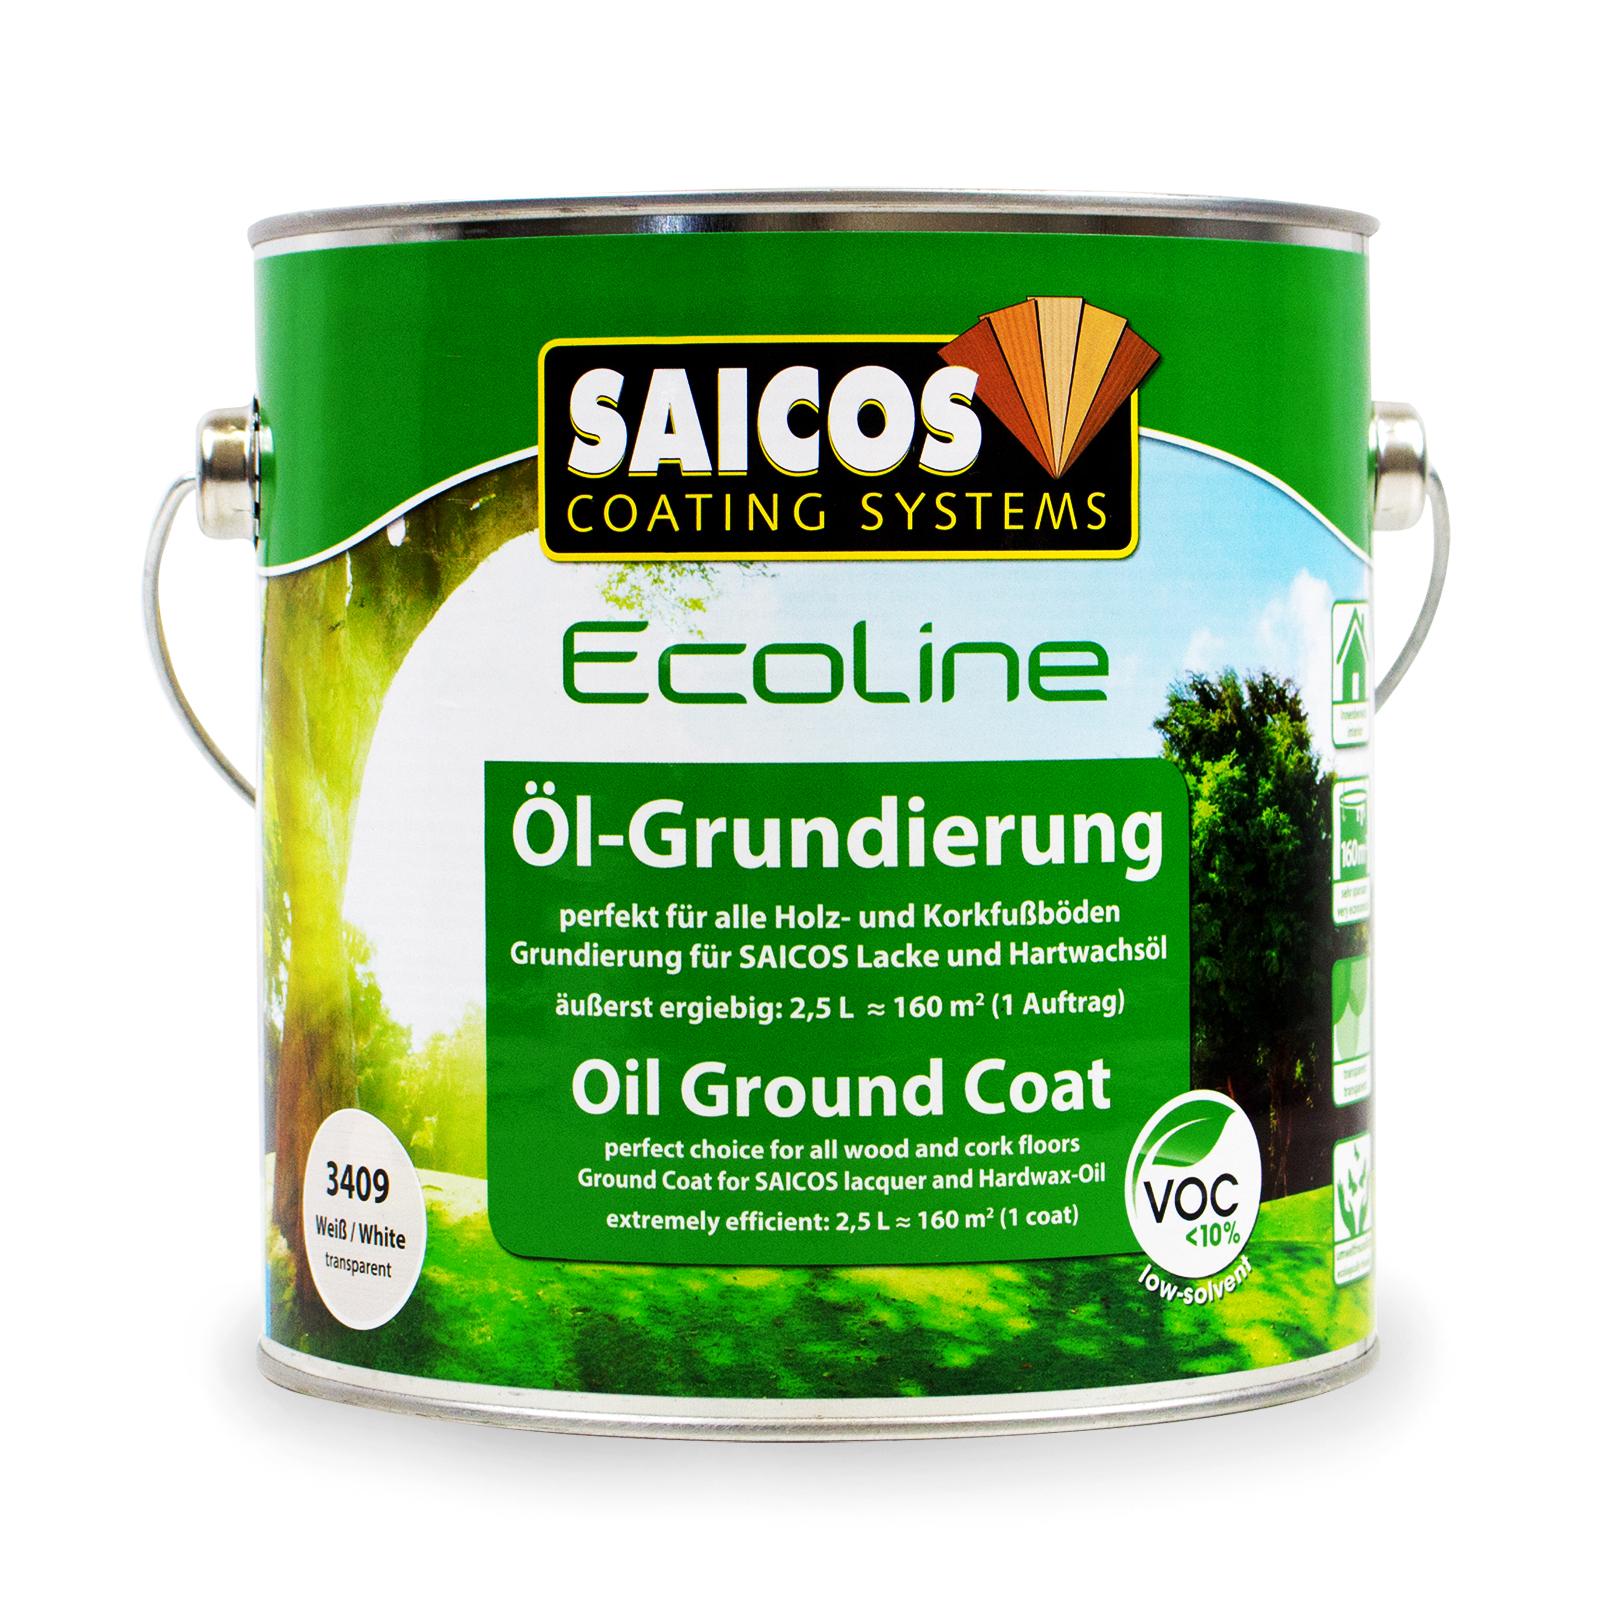 2,5l saicos ecoline Öl-grundierung 3409 weiß holzgrundierung | ebay